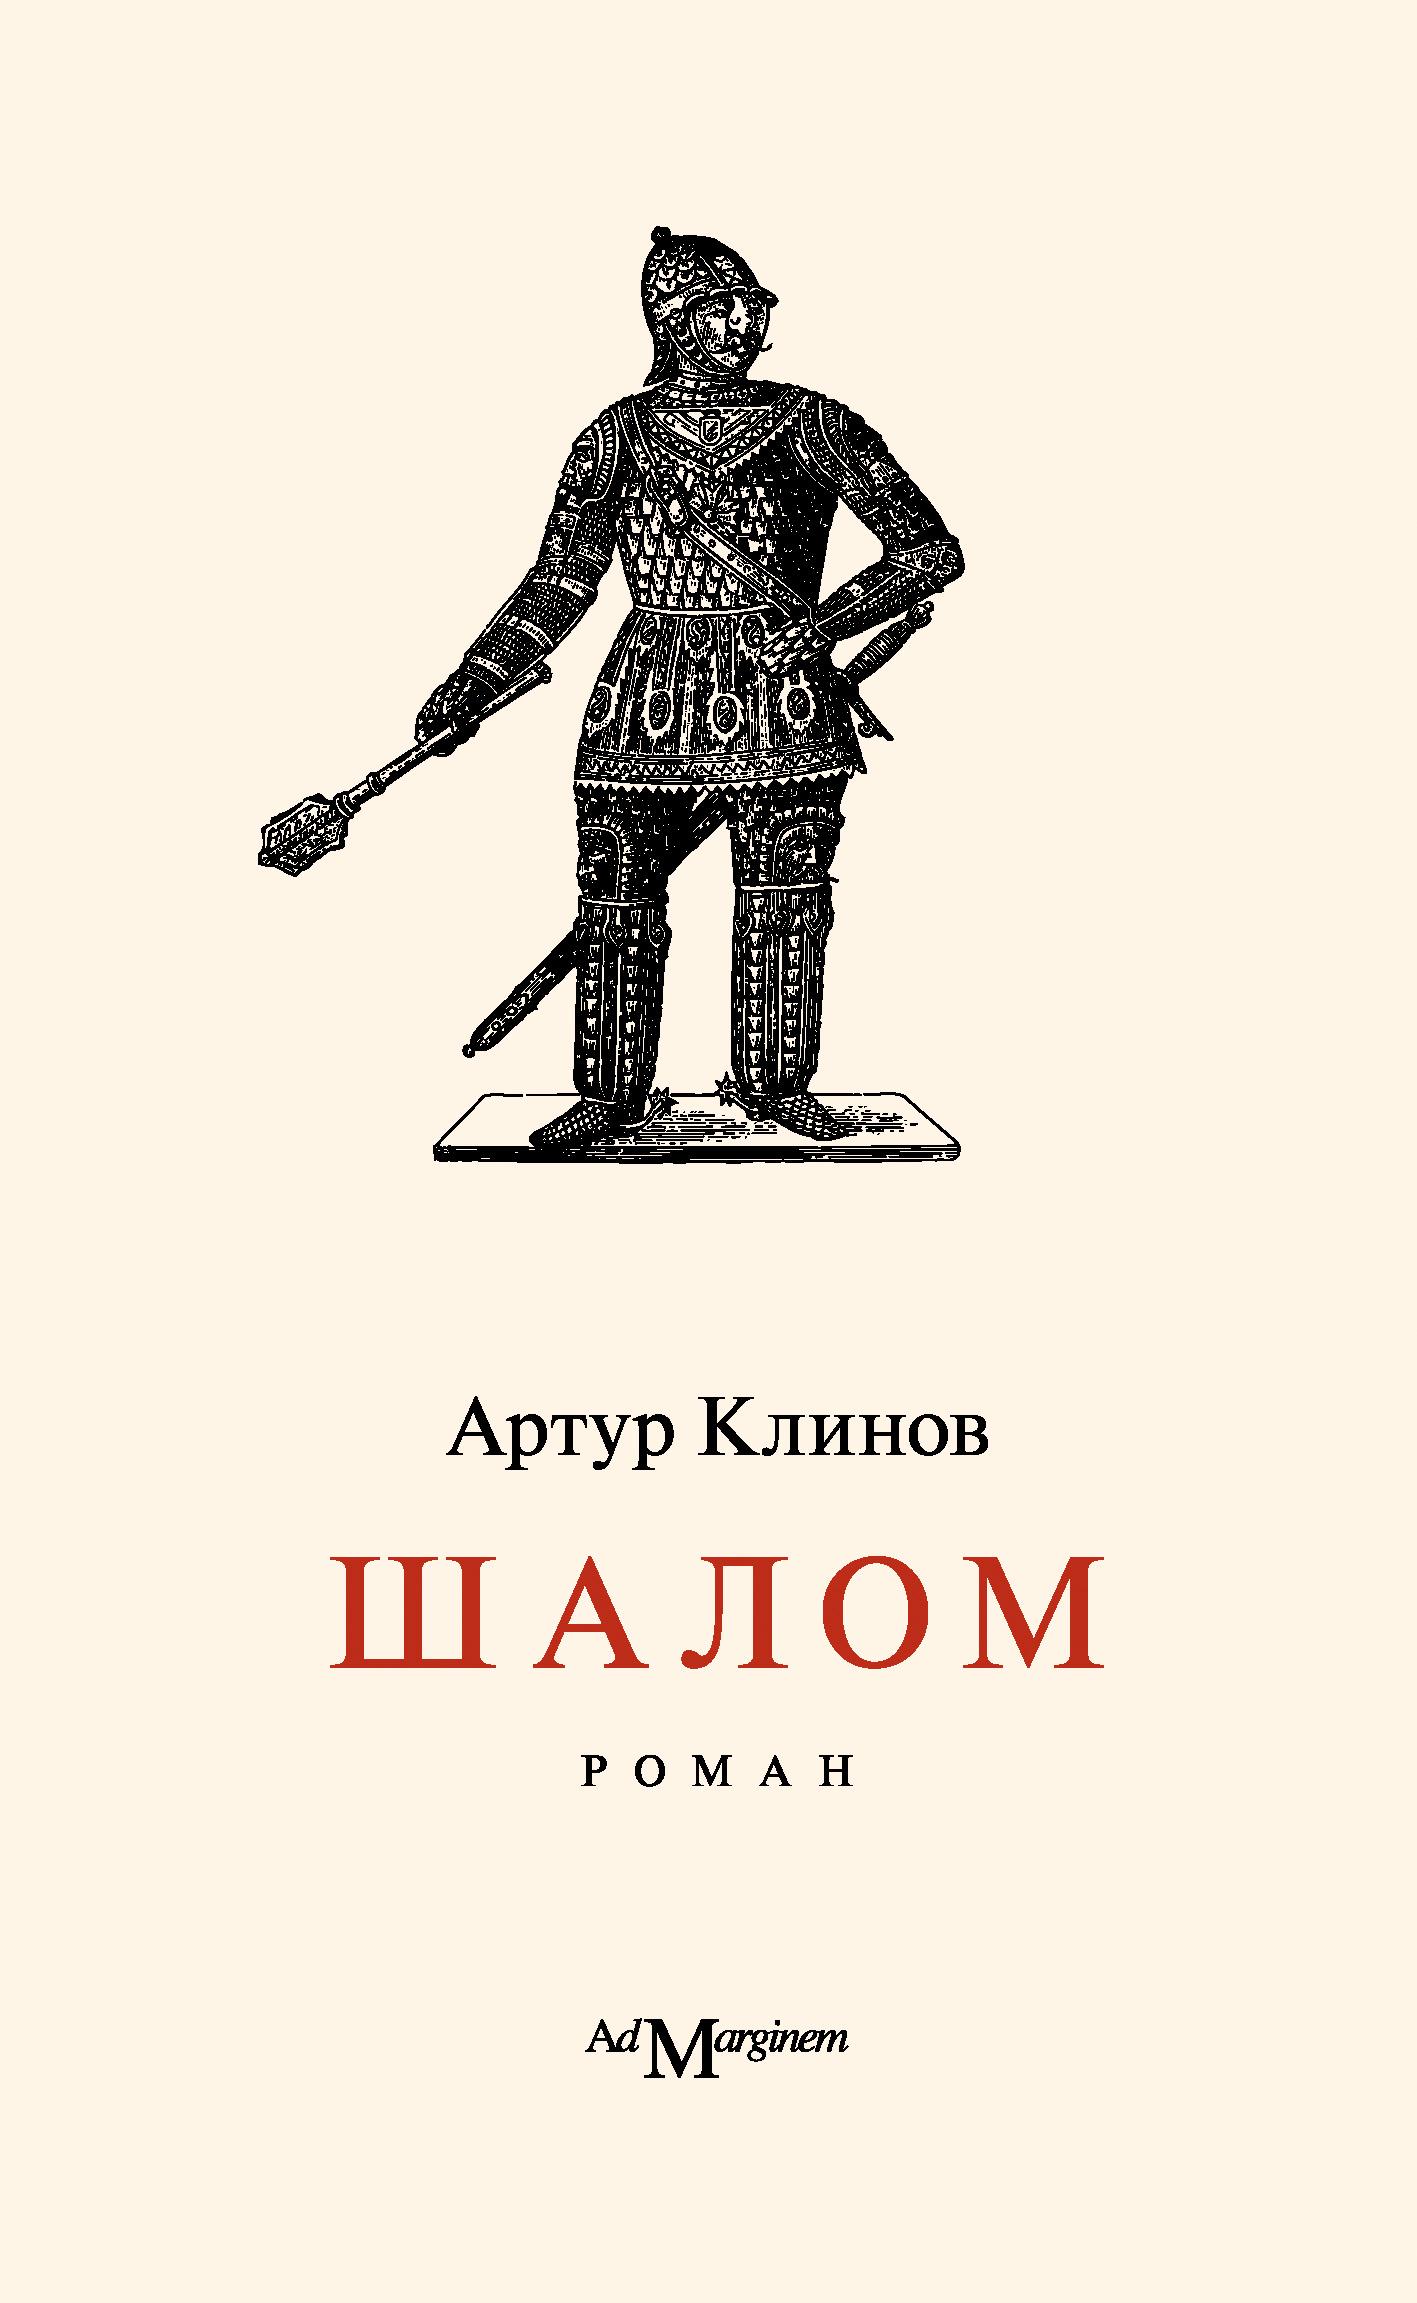 Артур Клинов Шалом артур клинов минск путеводитель по городу солнца